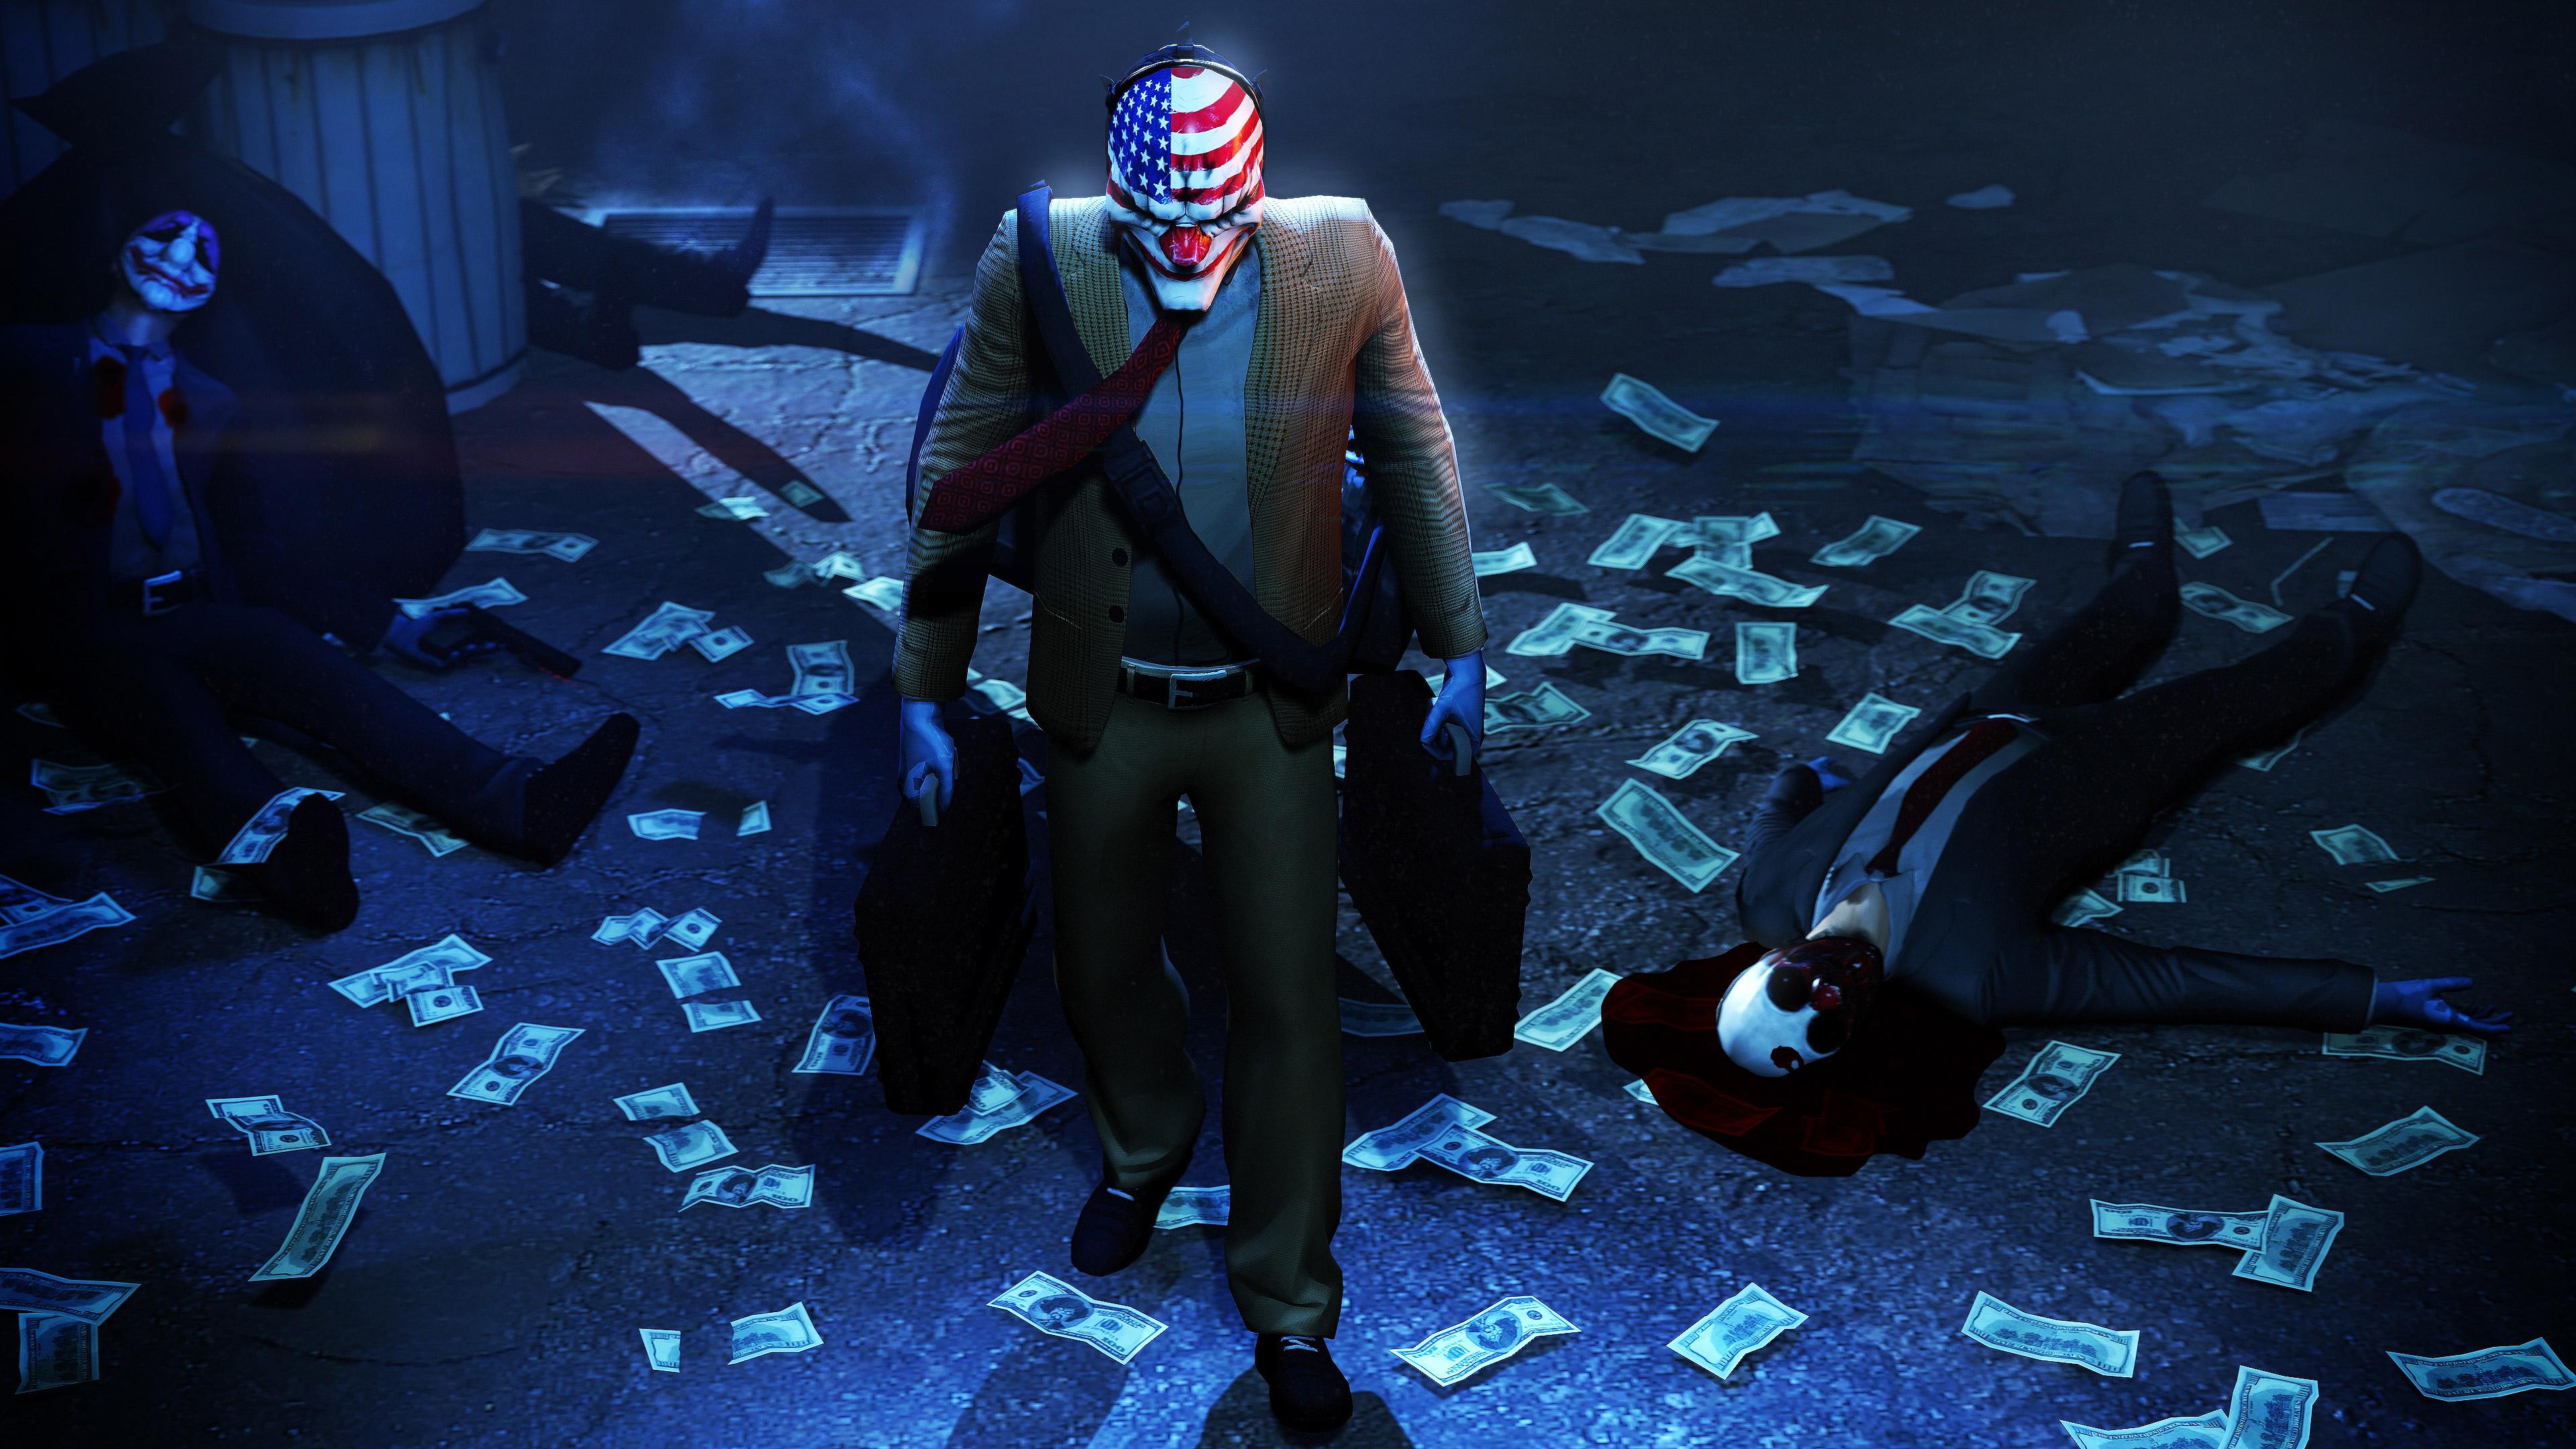 Payday 2 game joker hd games 4k wallpapers images for Joker wallpaper 4k